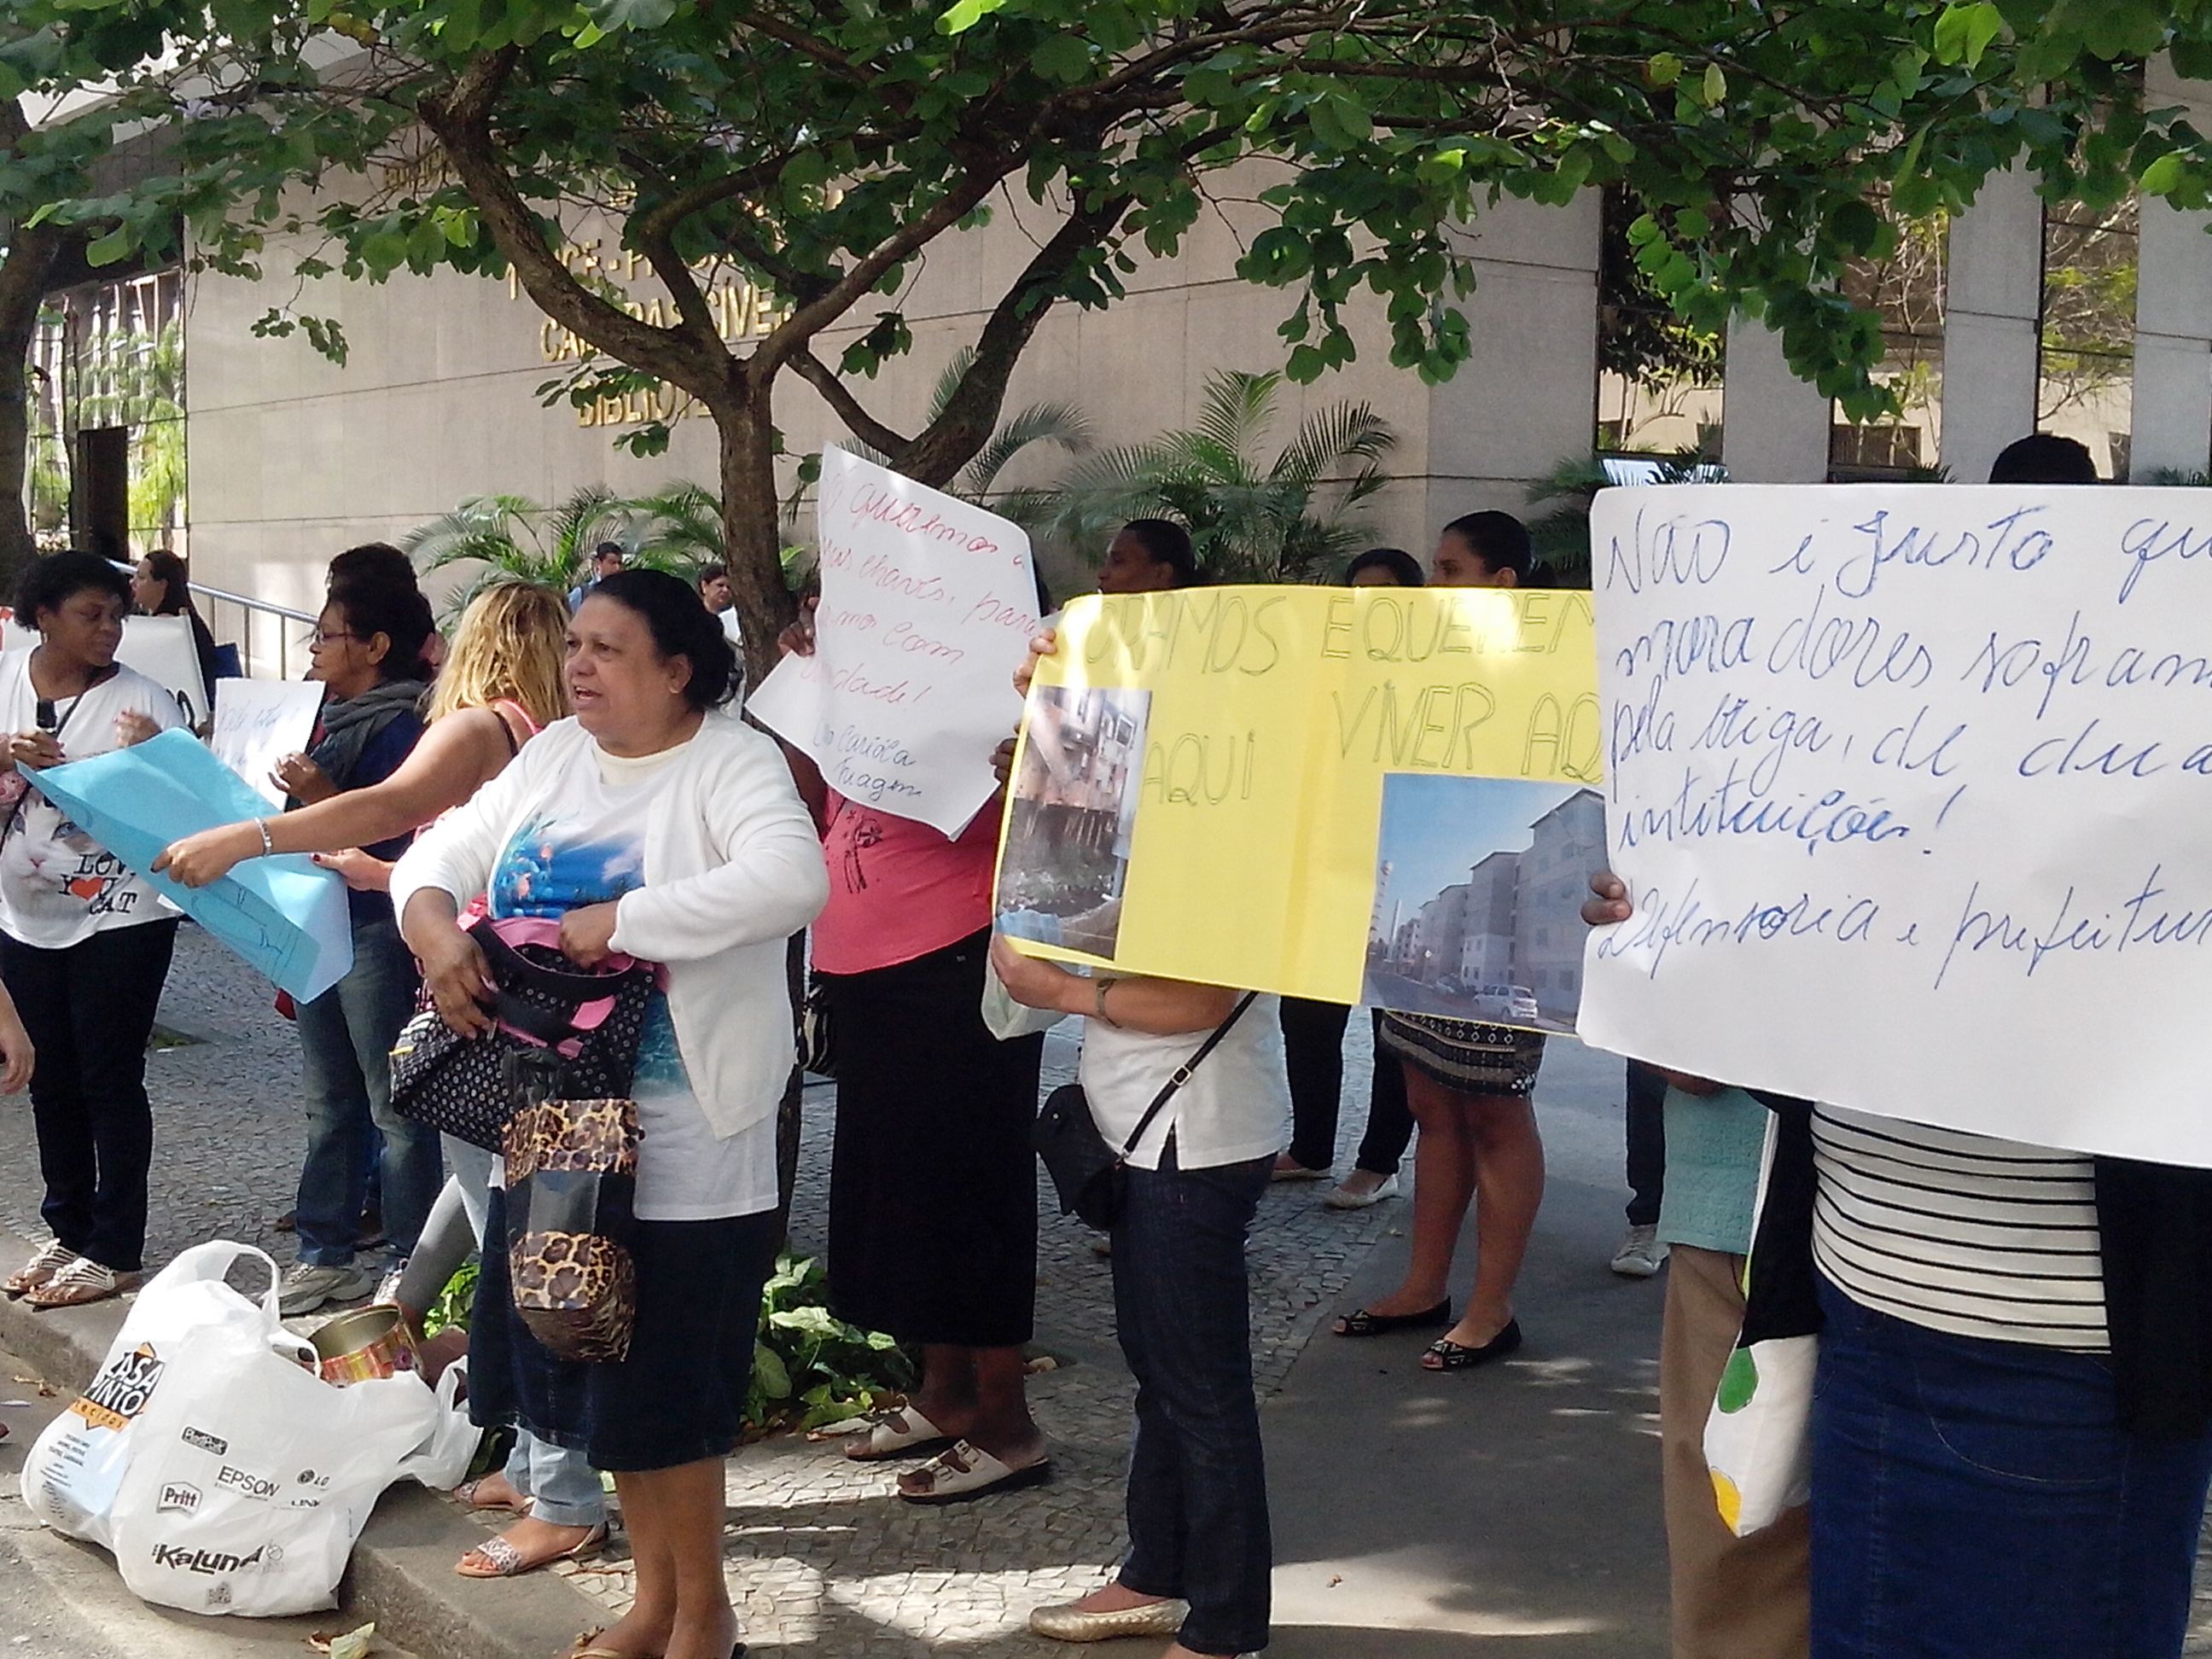 Manifestação por moradia digna